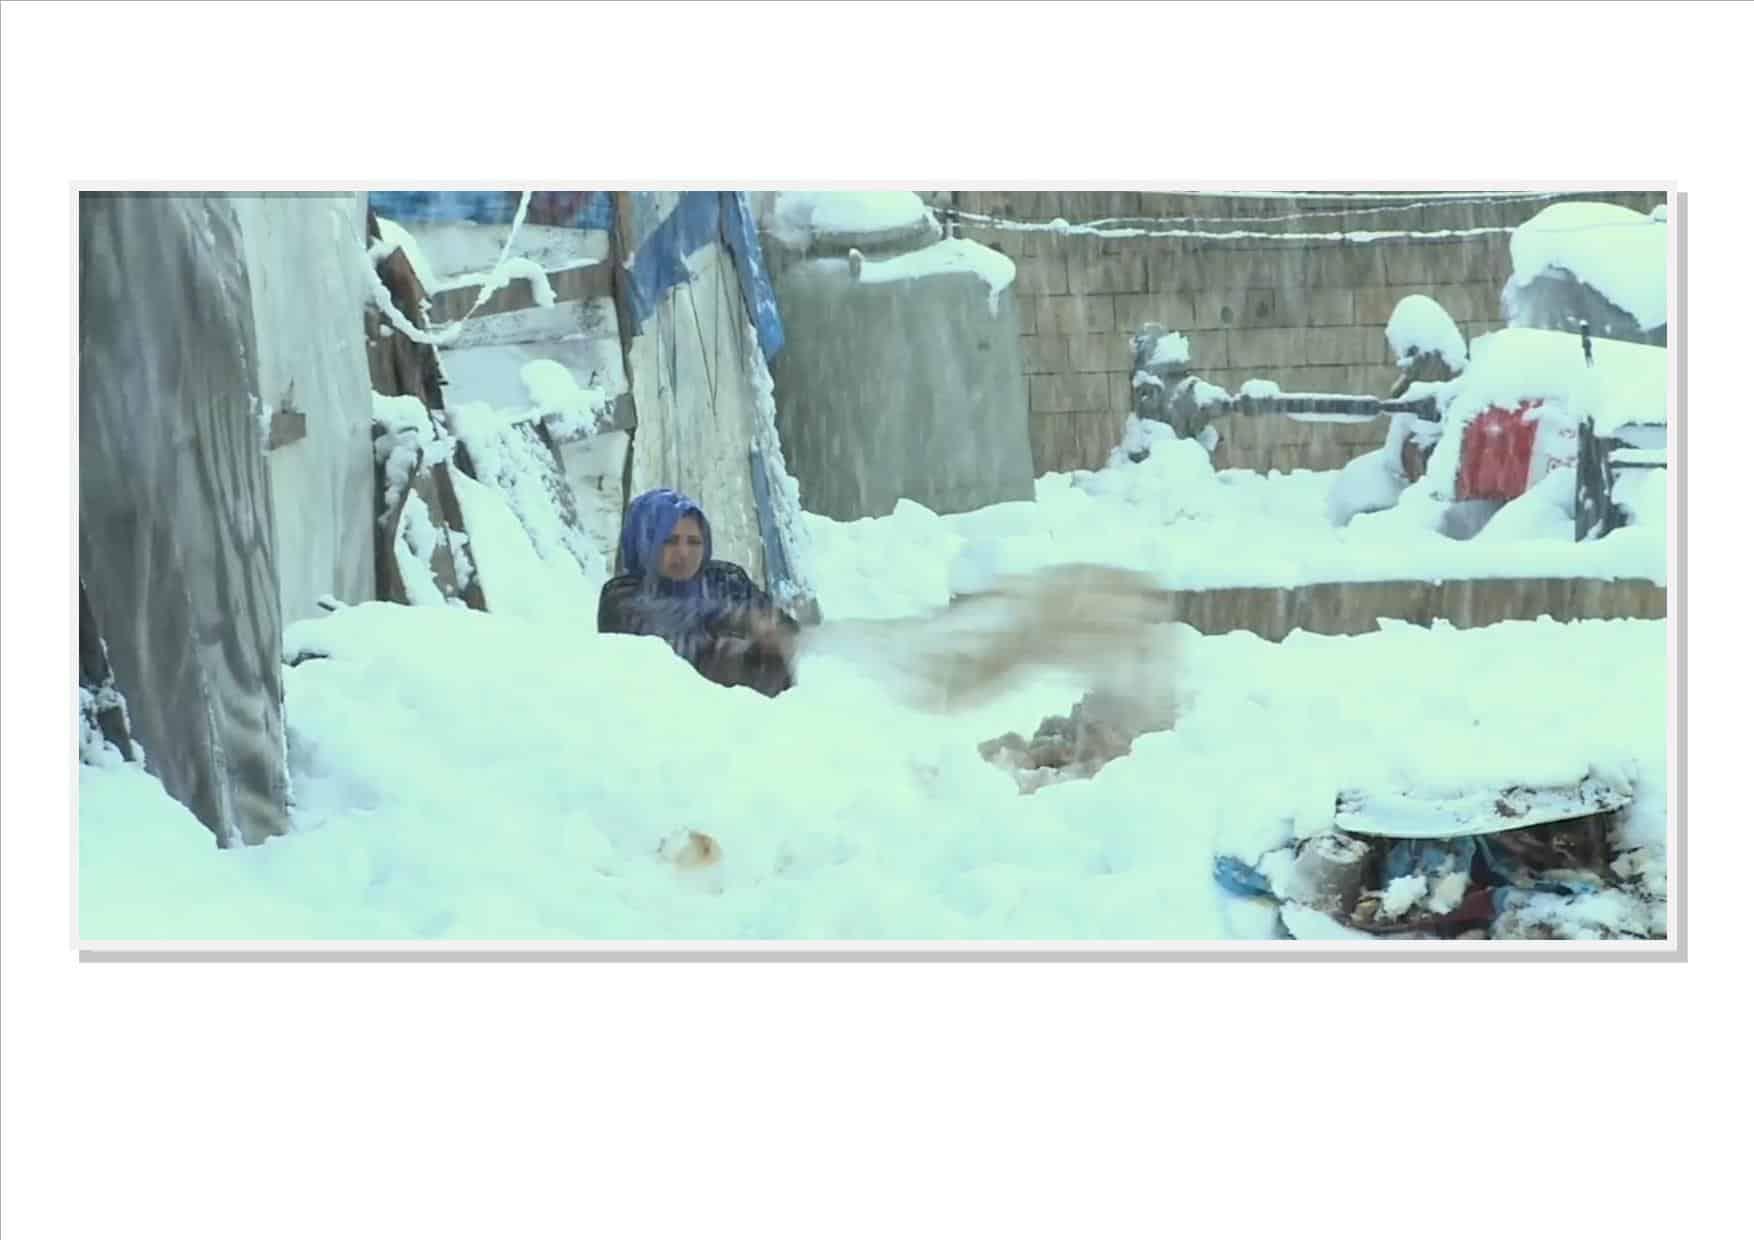 Pour la quatrième année de suite, de très nombreux Syriens passent l'hiver dans des camps de réfugiés. Ces derniers jours, alors que le froid glacial et la neige se sont abattus sur la région, de nombreux corps sans vie ont été retrouvés. En Syrie, et notamment à Alep, des enfants, et notamment des nouveaux-nés ont […]